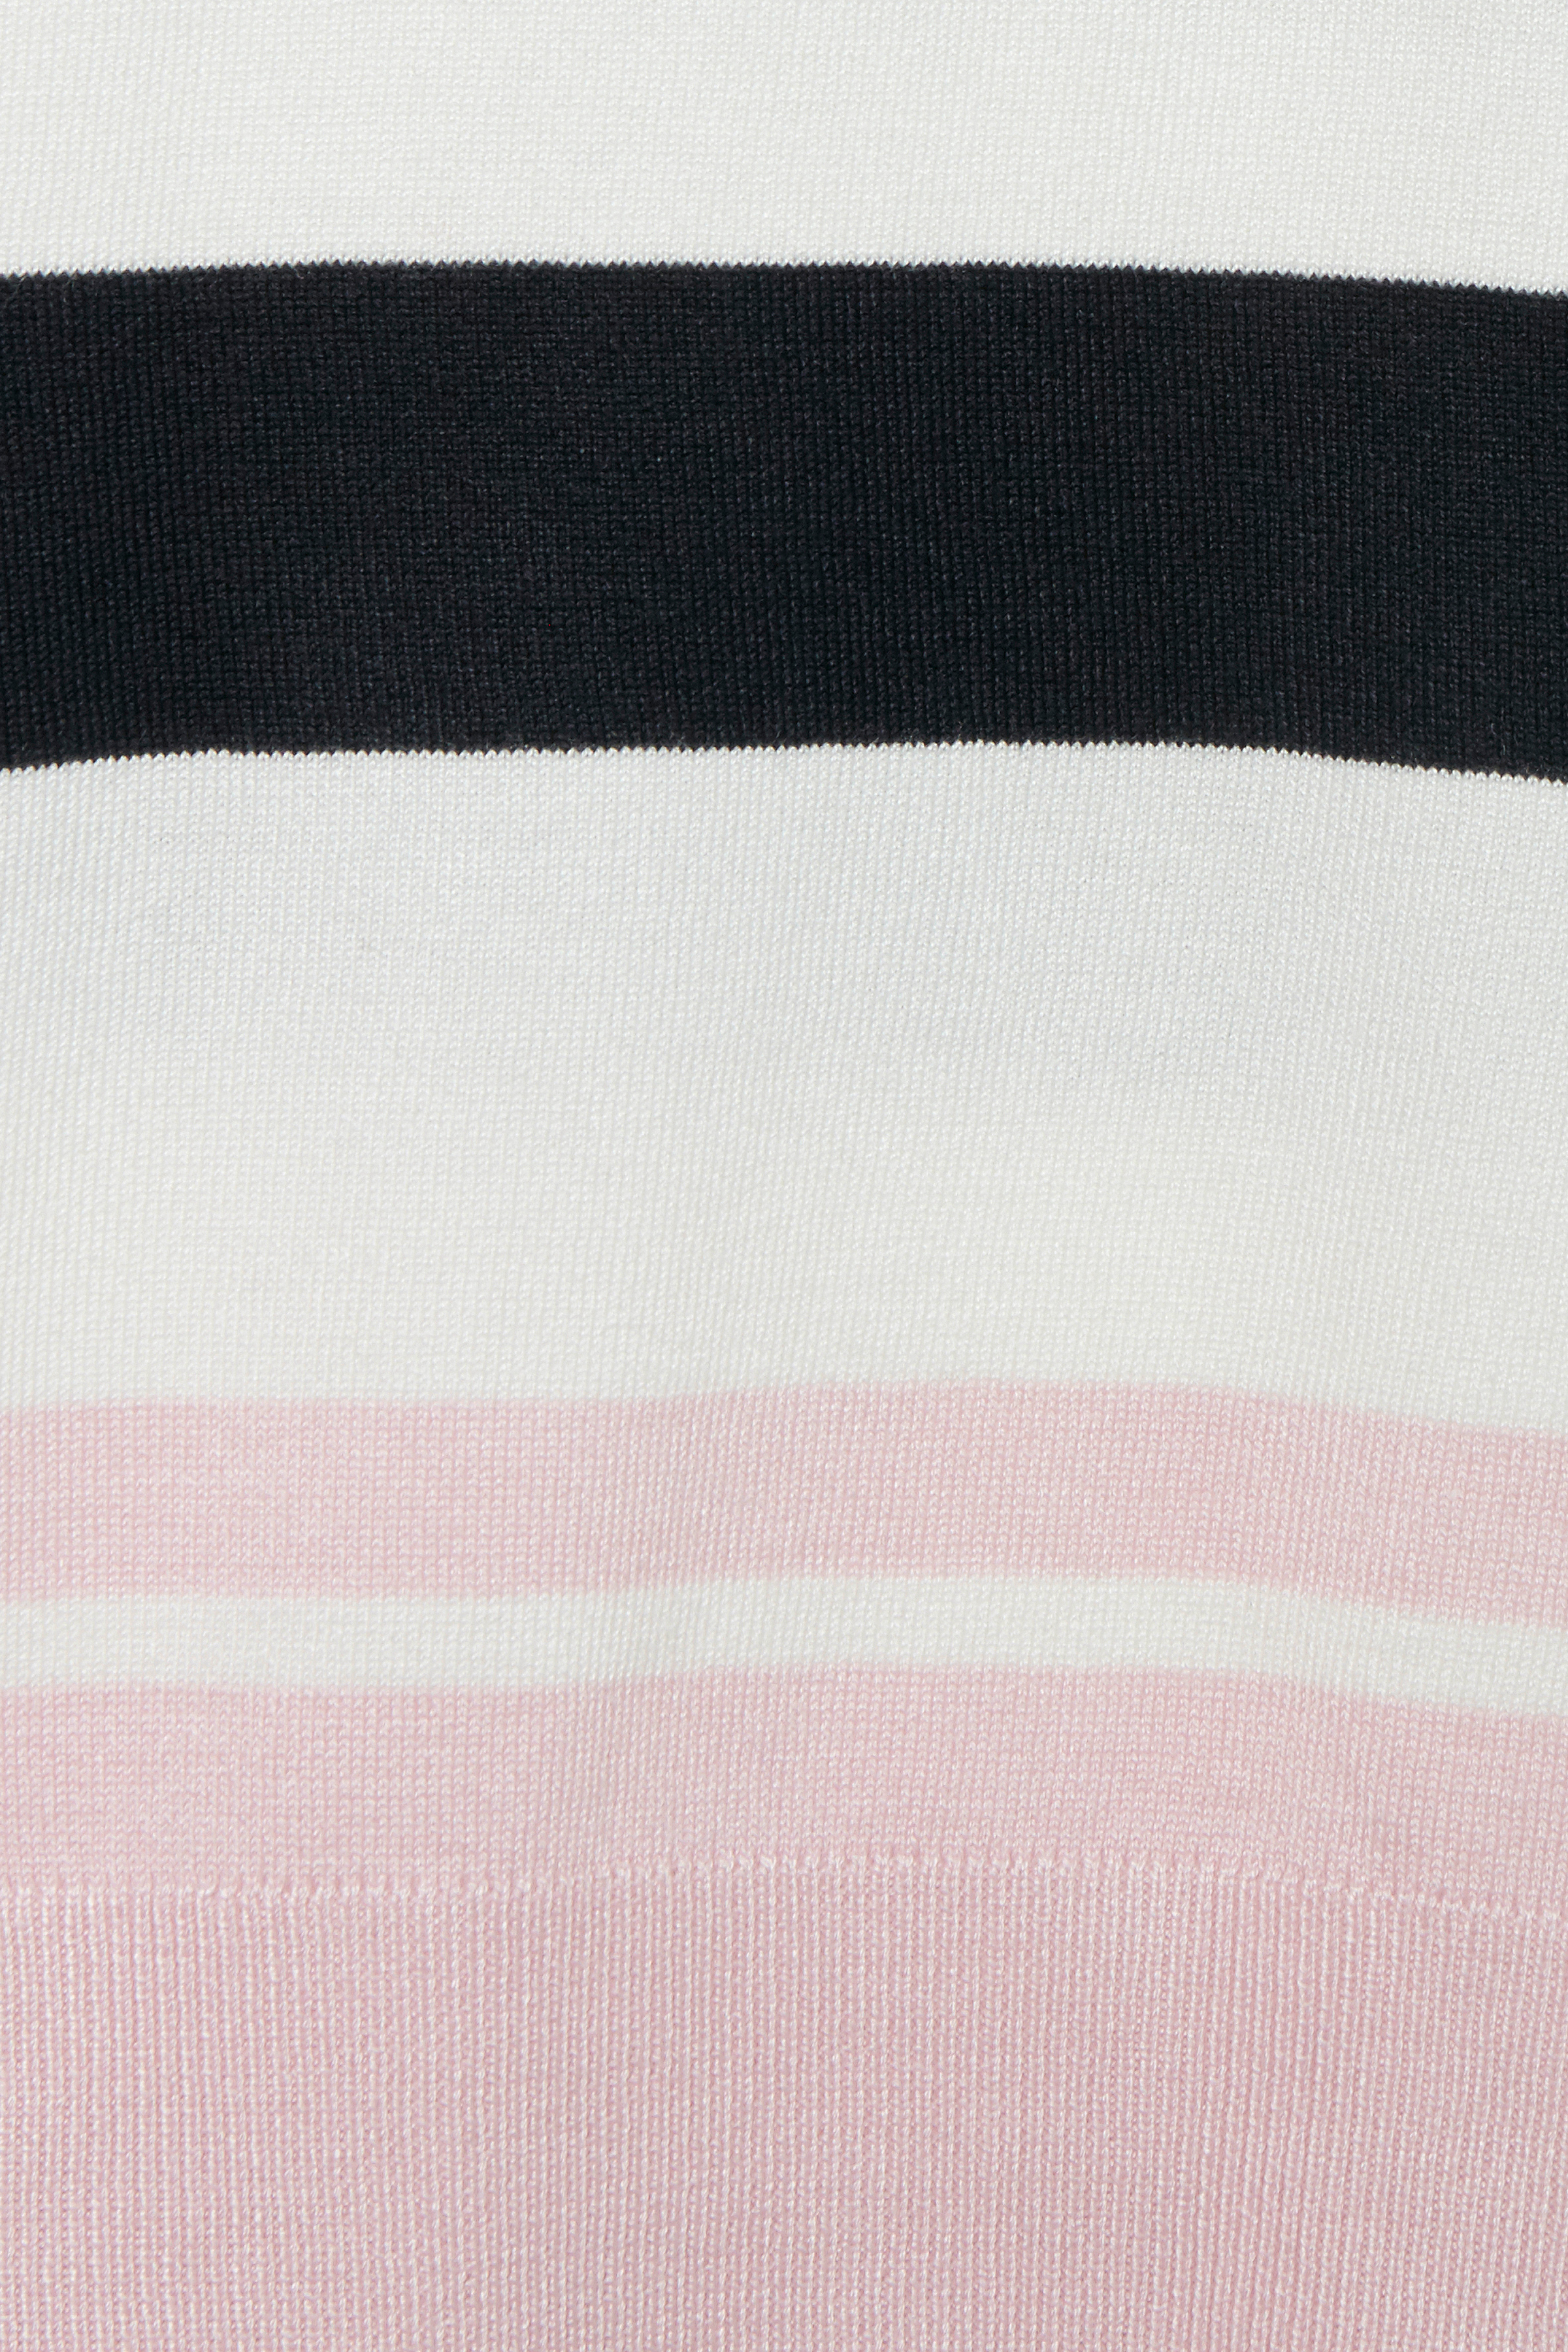 Weiß/hellpink Strickpullover von Fransa – Shoppen Sie Weiß/hellpink Strickpullover ab Gr. XS-XXL hier